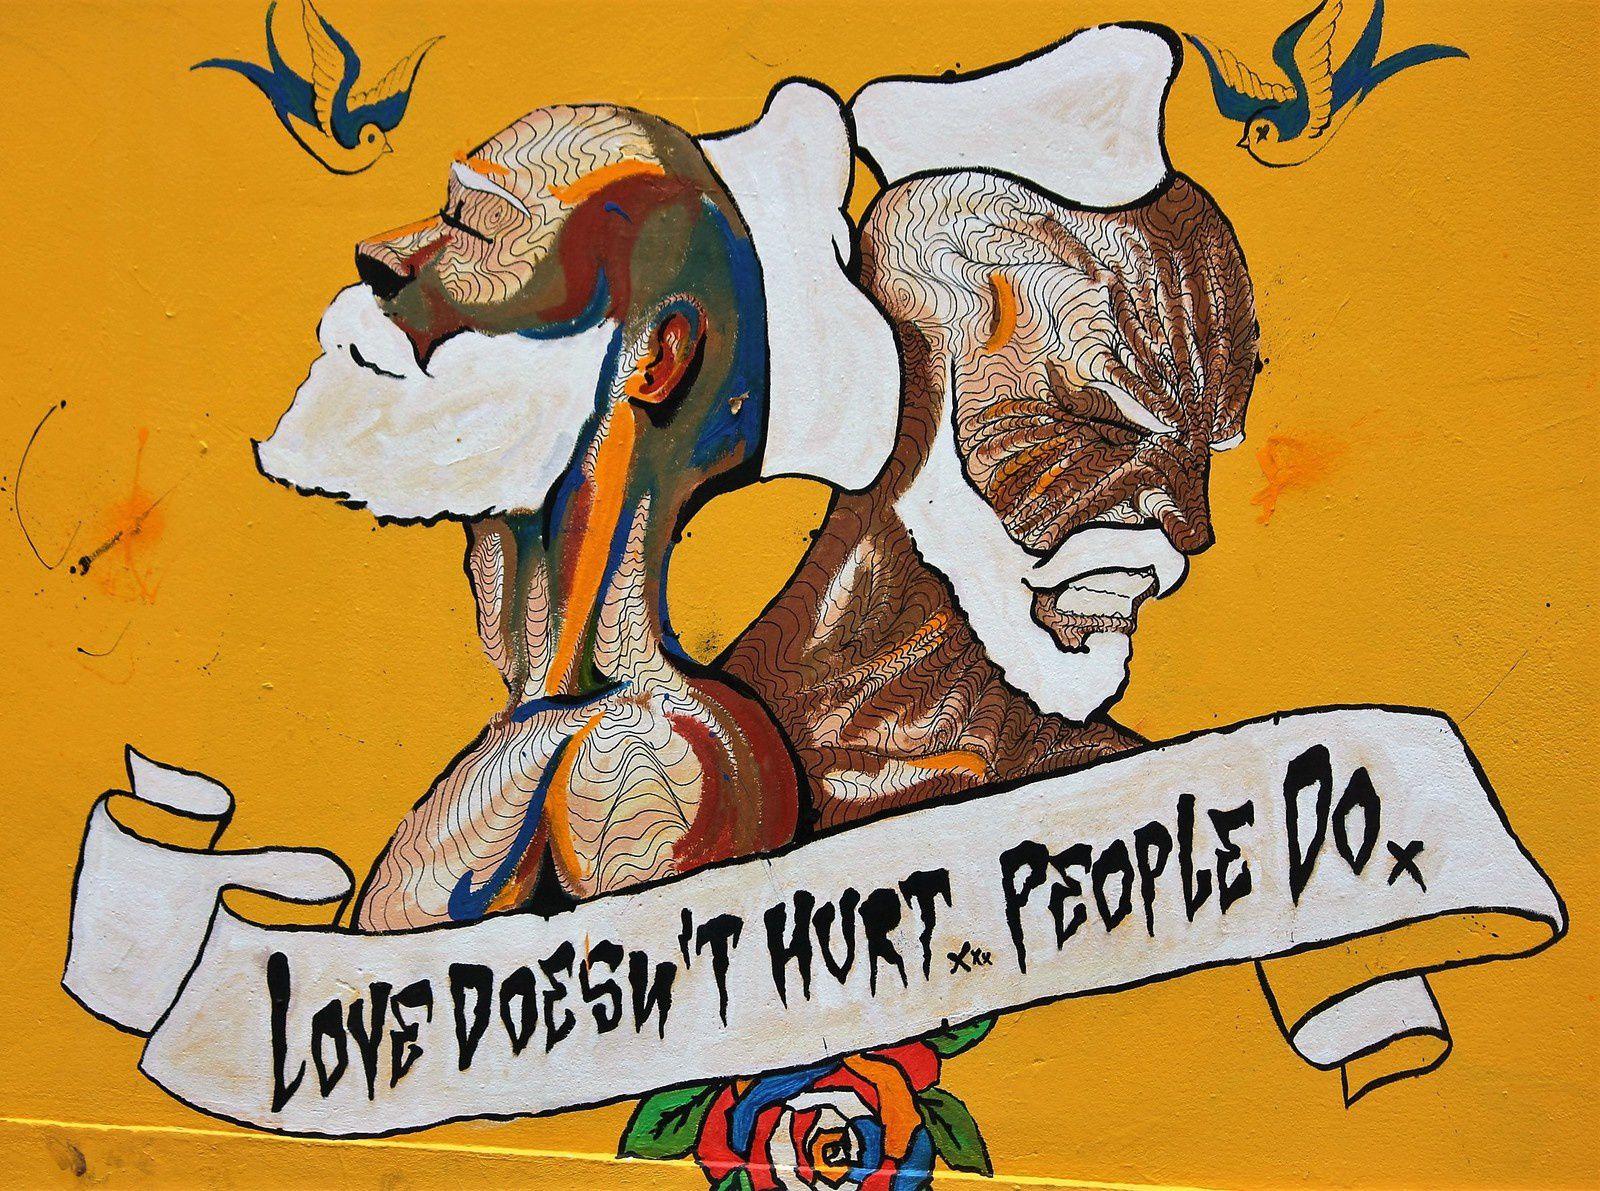 Juin 2016. Aujourd'hui, en octobre, la fresque a été recouverte. Art éphémère qui laisse émotion et regret.